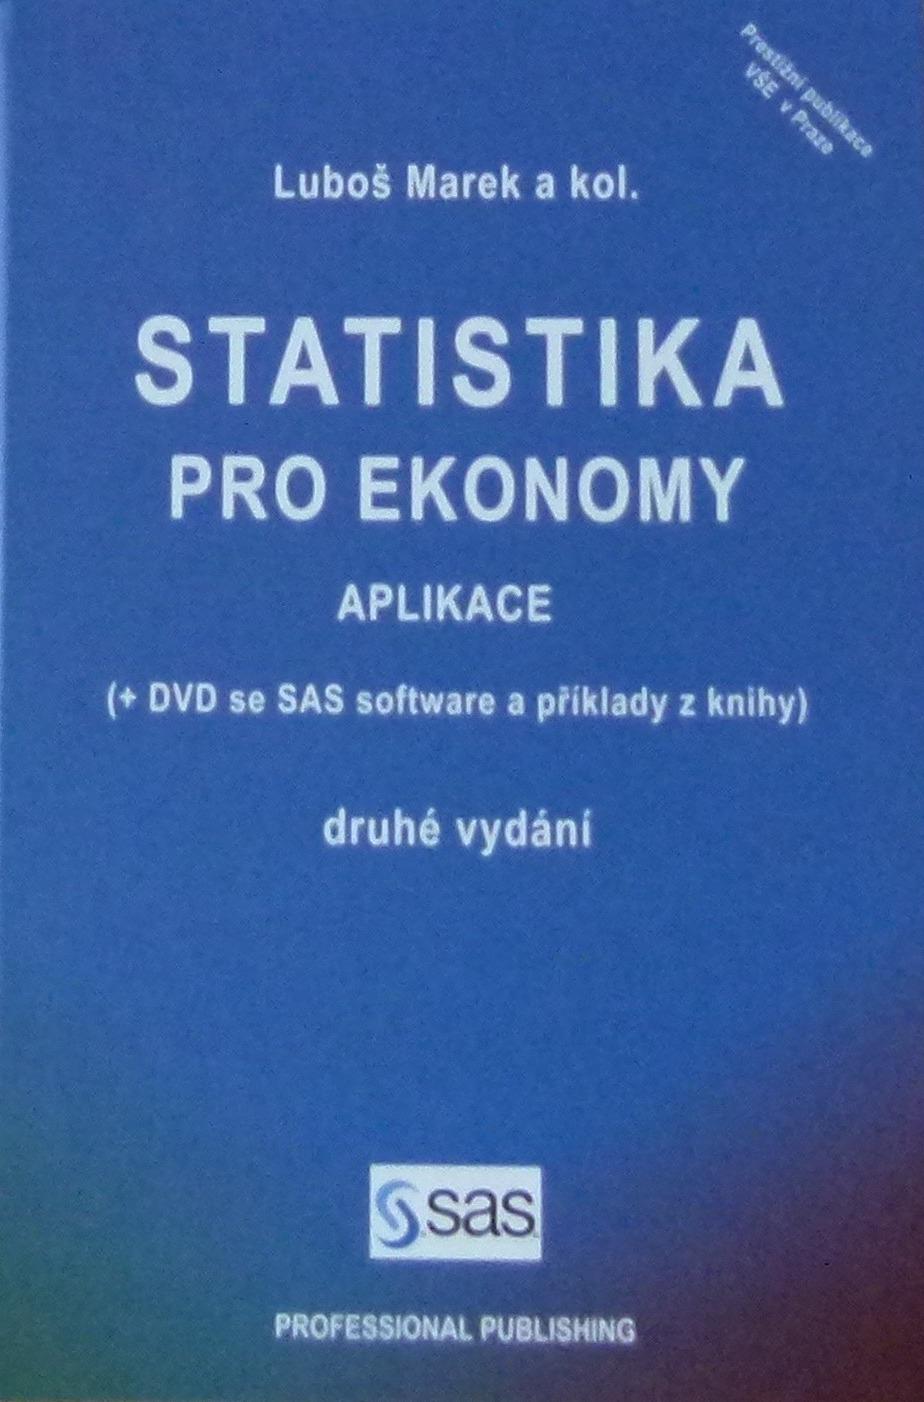 Statistika pro ekonomy - Aplikace - Luboš Marek a kol. /bazarové zboží/